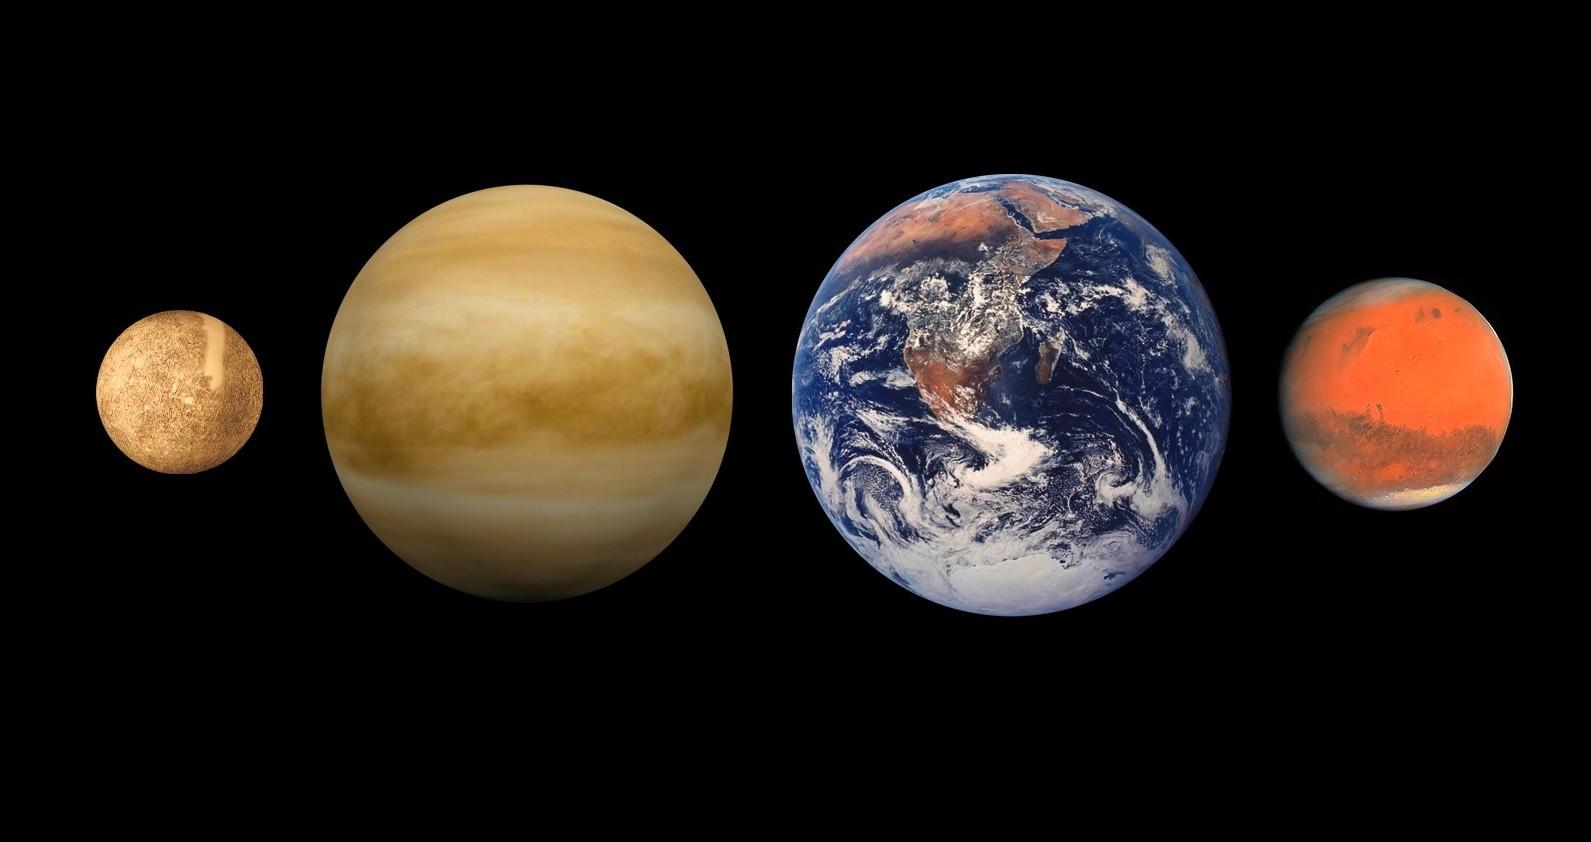 Планеты земной групы – список, описание, размеры, состав, фото и видео